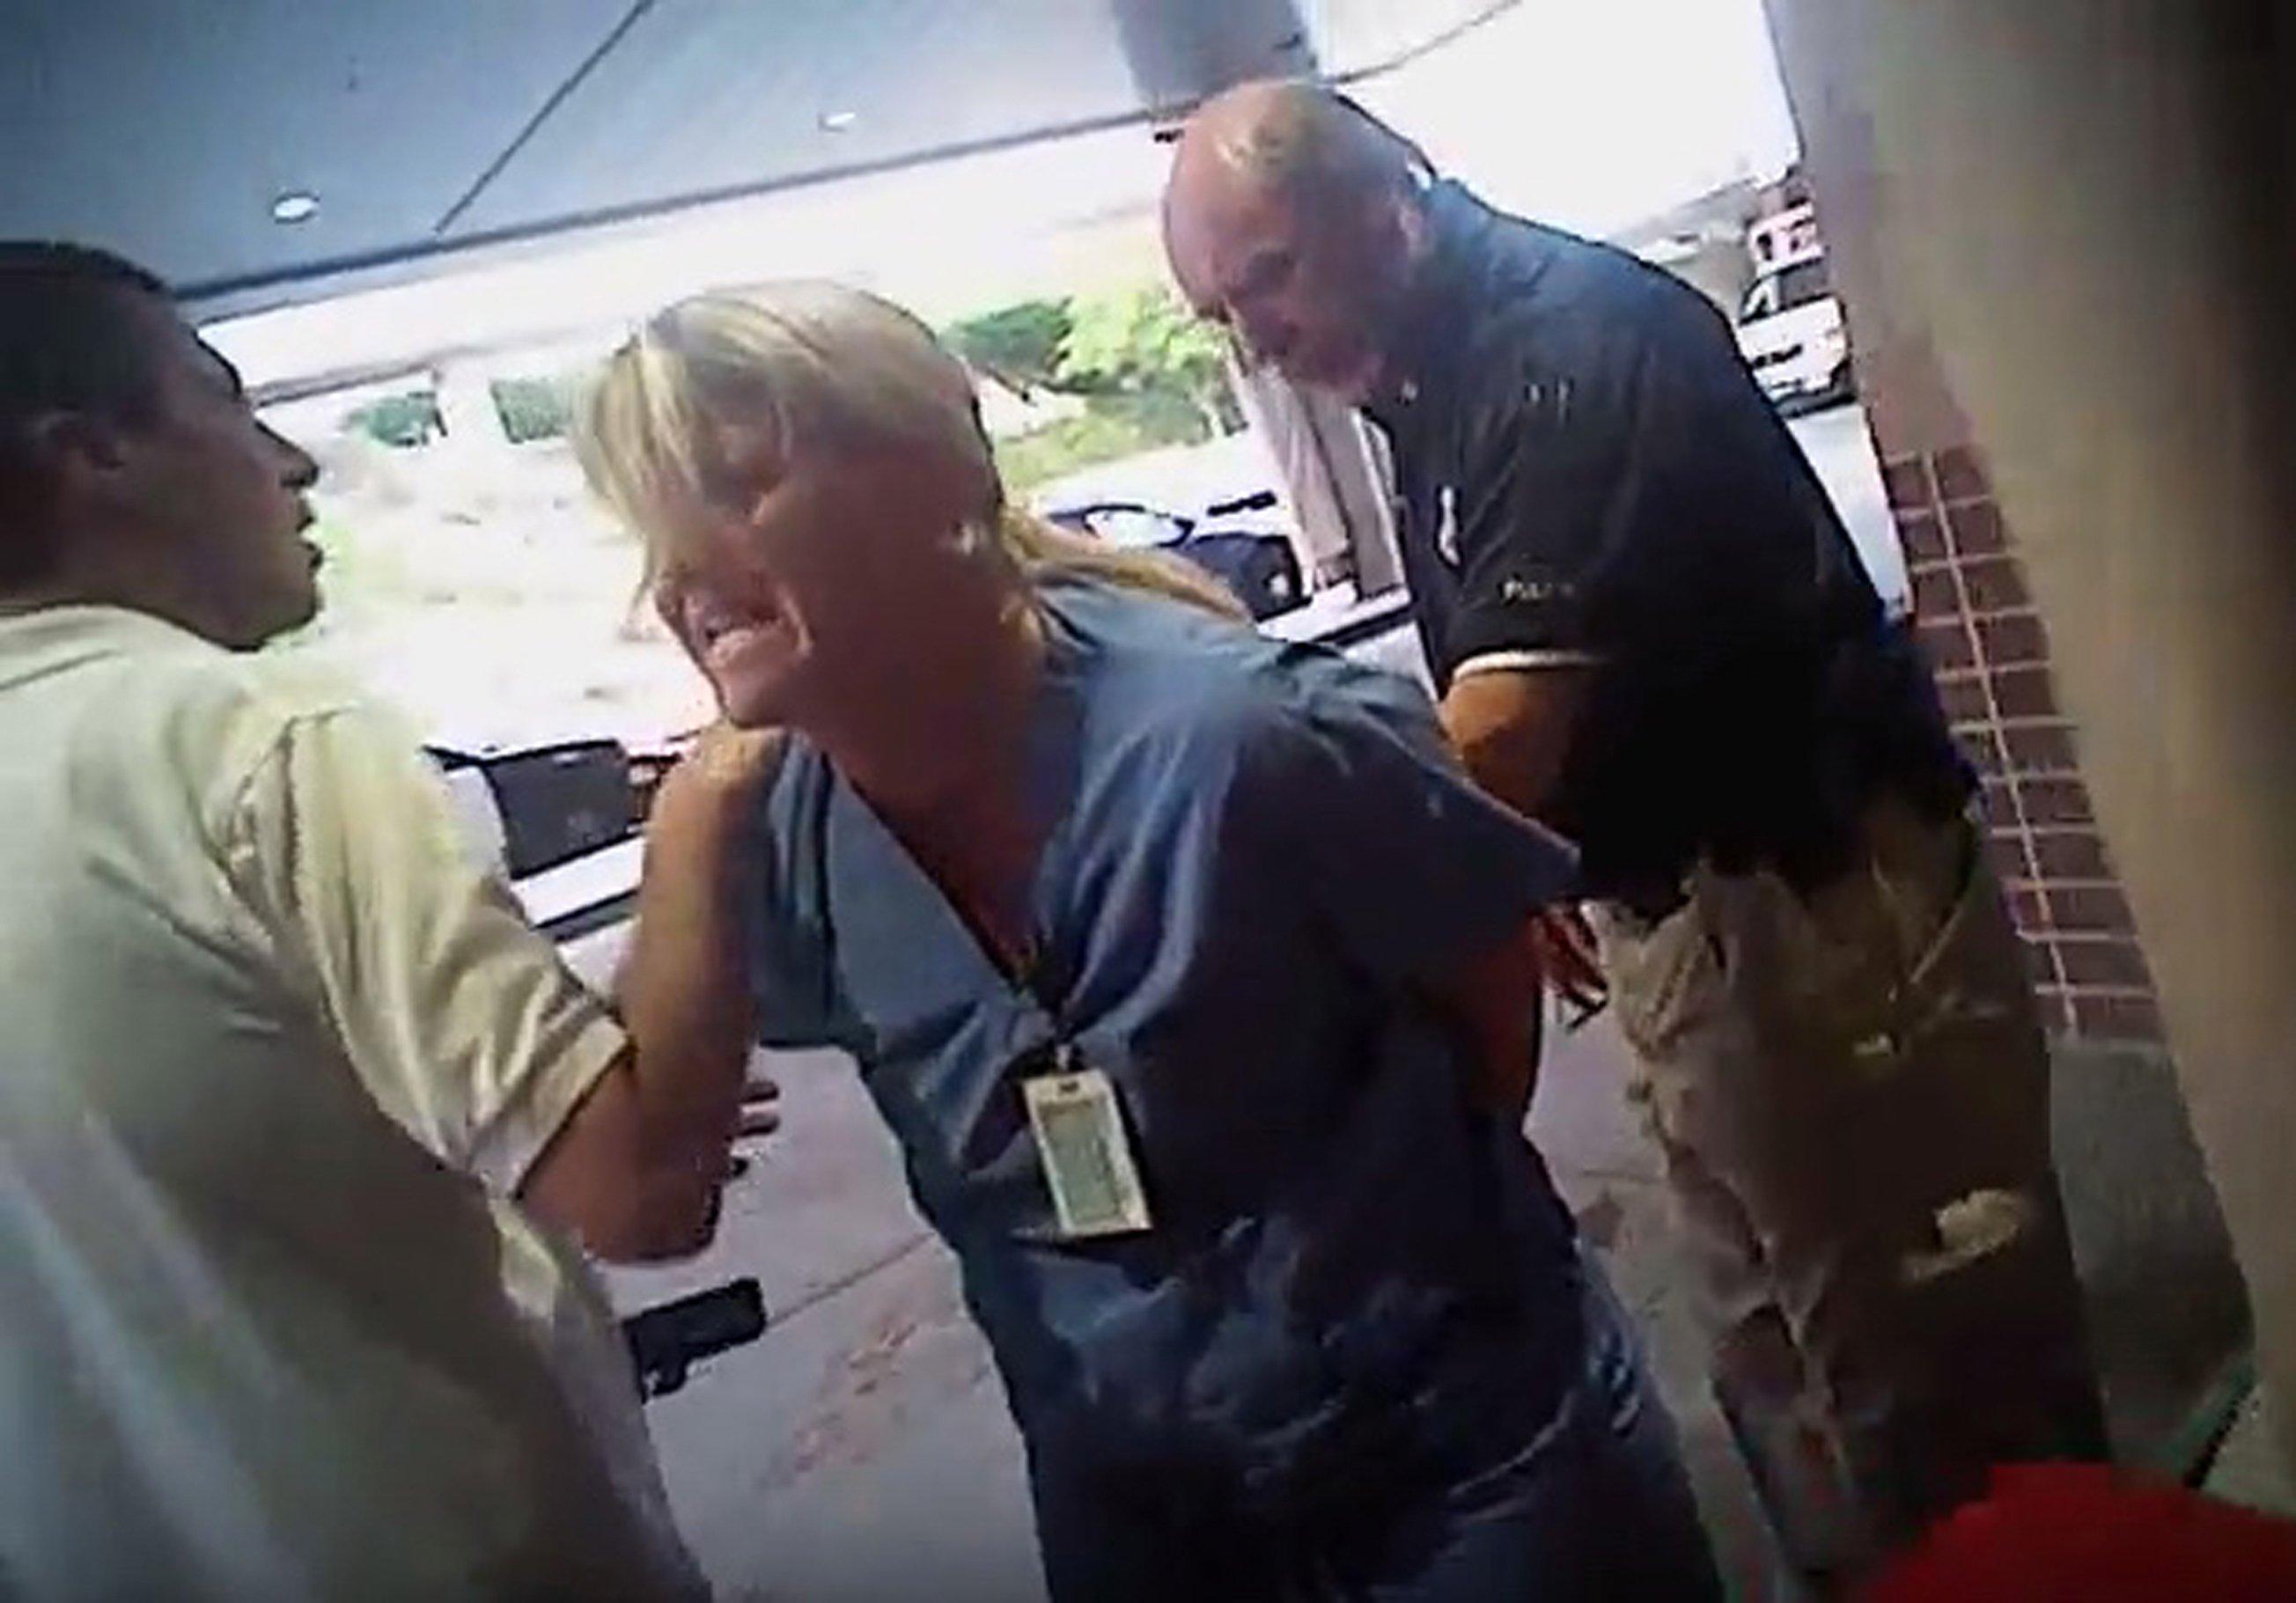 Utah officer fired after nurse's arrest caught on video